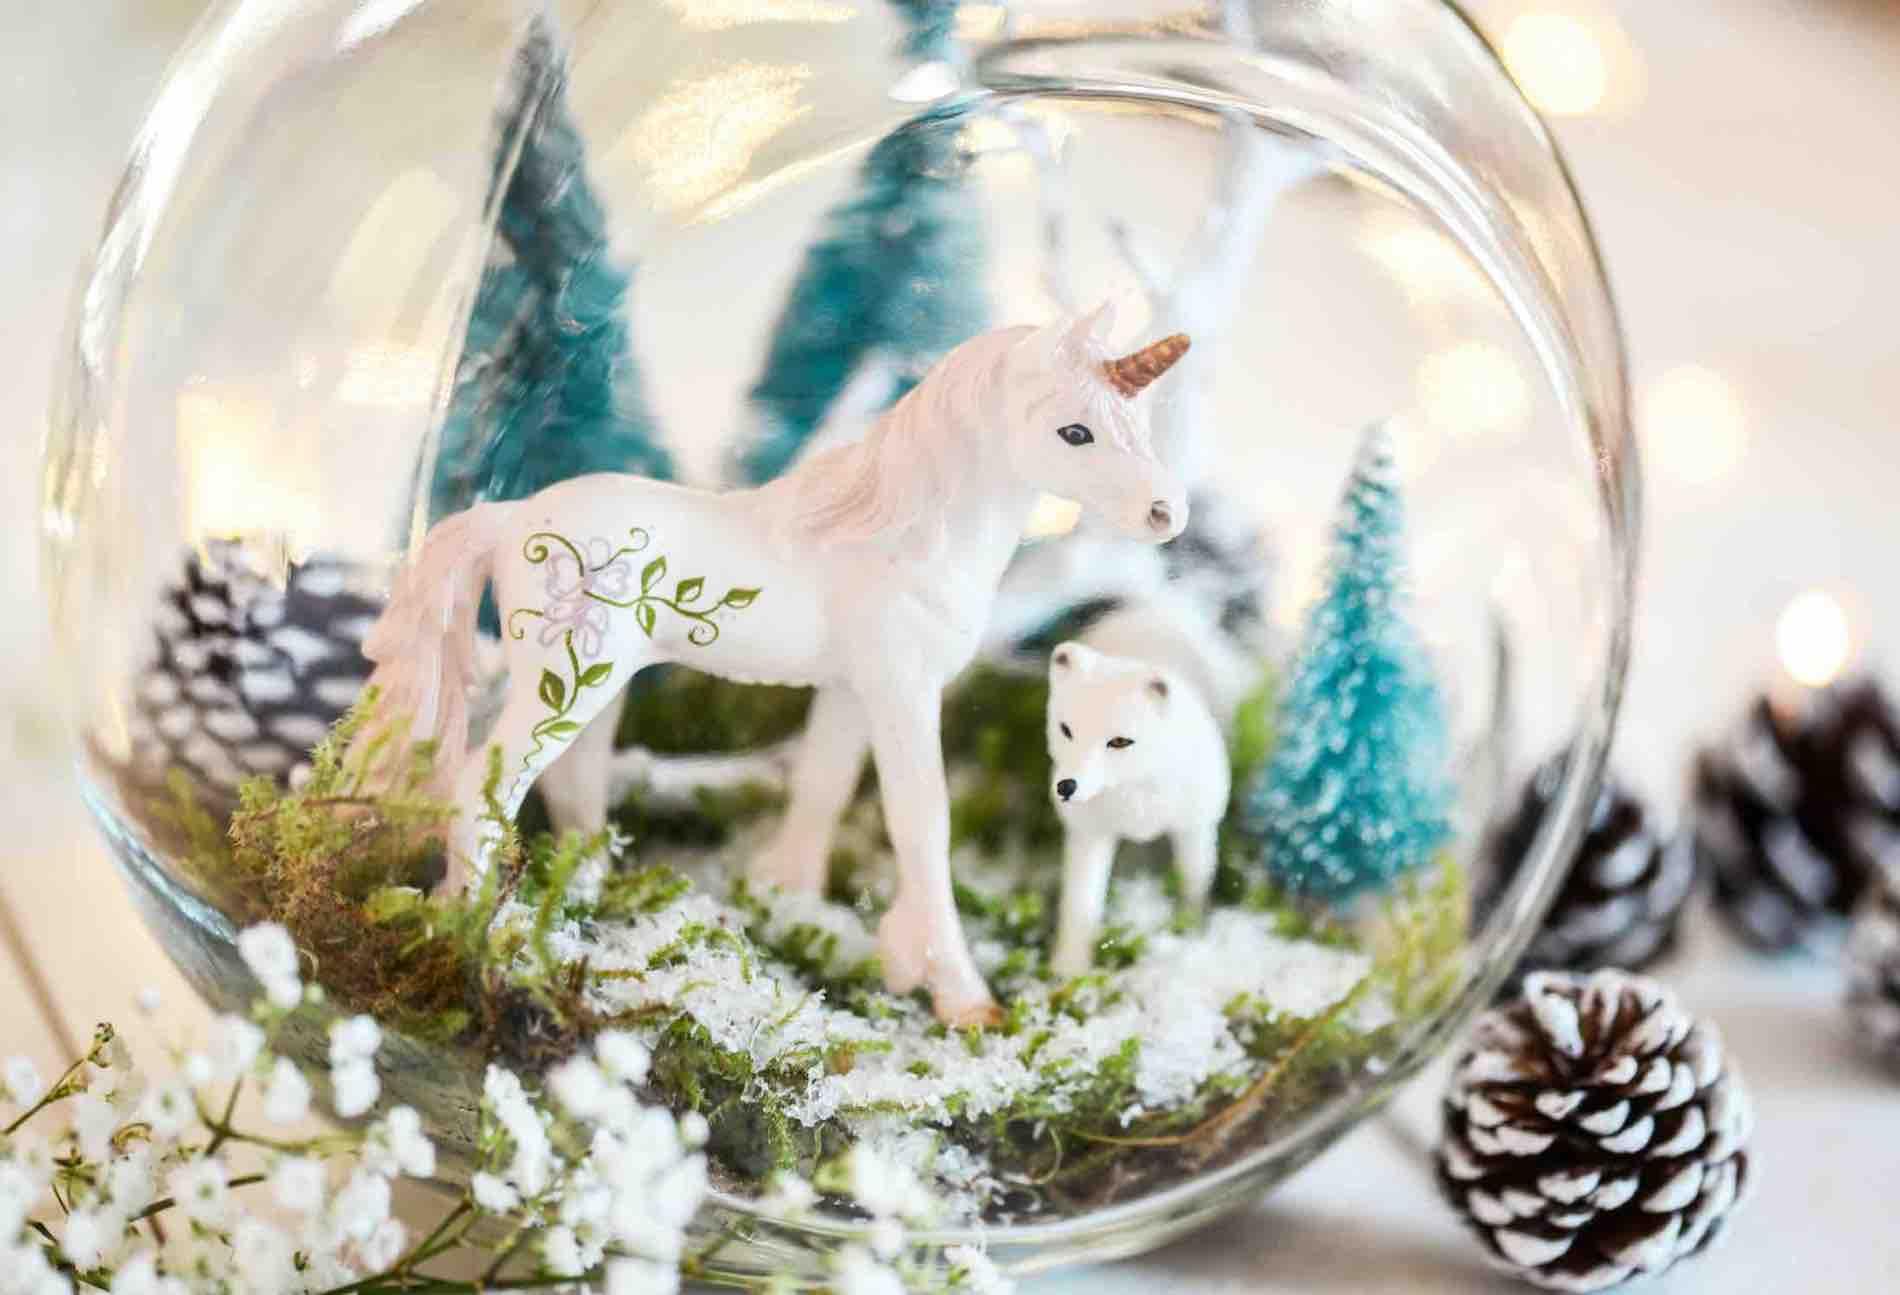 Weihnachtsdeko basteln mit Kindern, Weihnachten DIY, Winterlandschaft im Glas, Schleich Einhorn